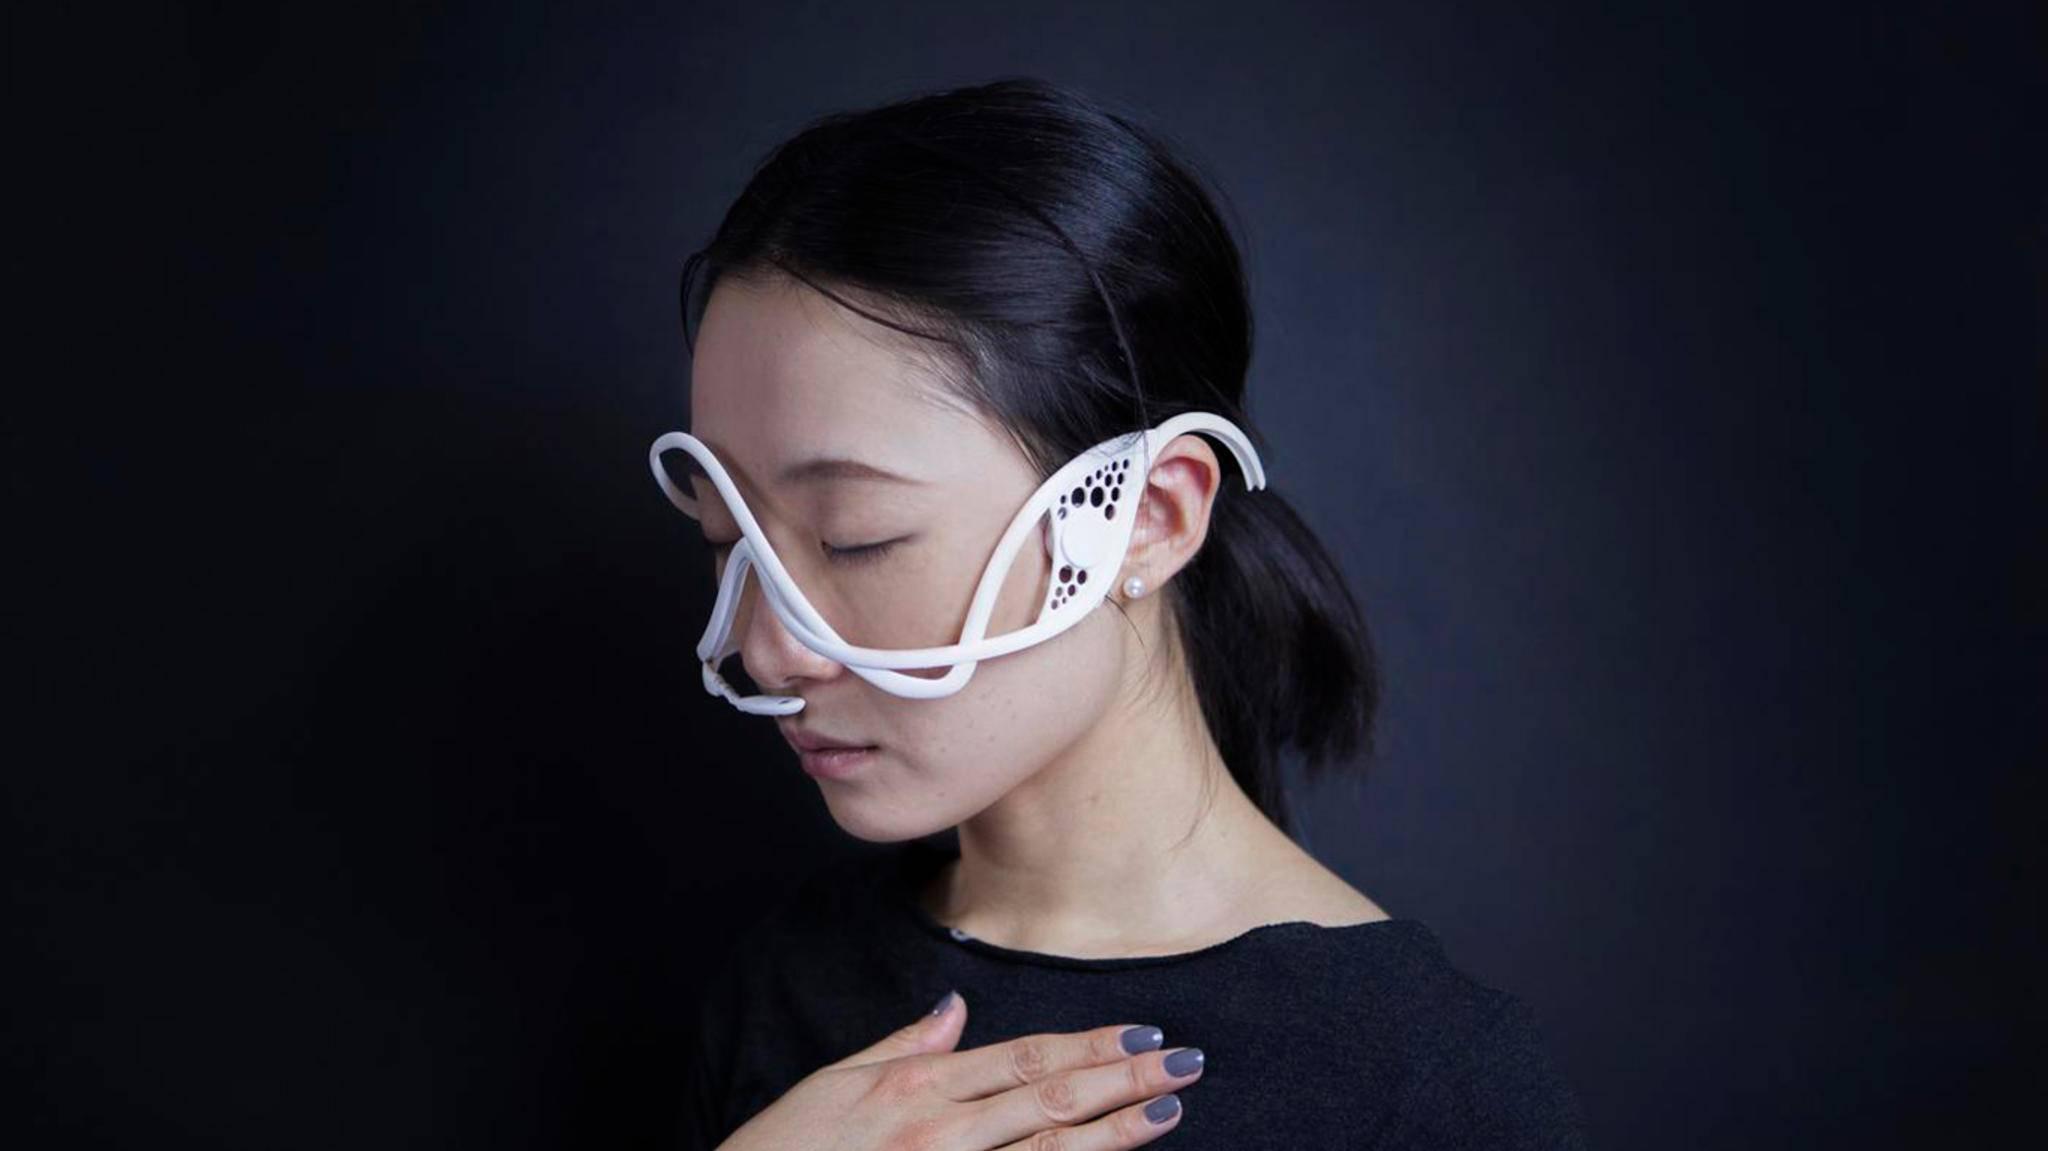 Masque ist ein Wearable, das die seinen Träger unbewusst steuern kann.